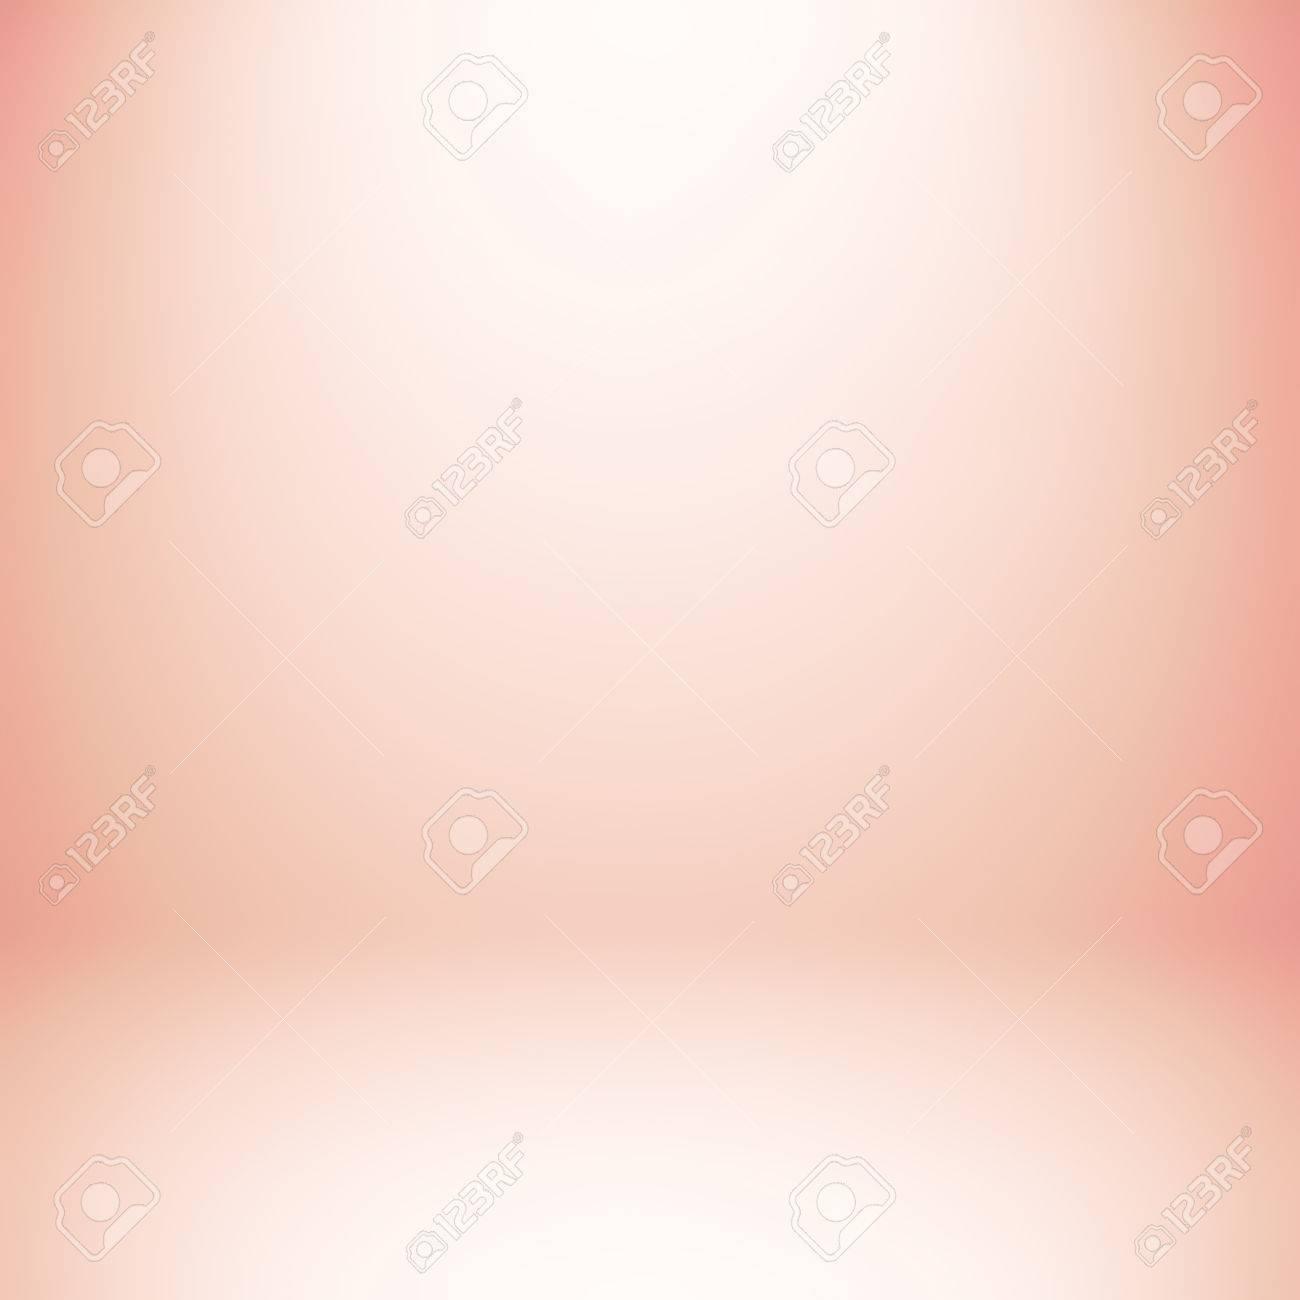 Immagini Stock Rosa Chiaro Rosa Antico Camera Astratto Può